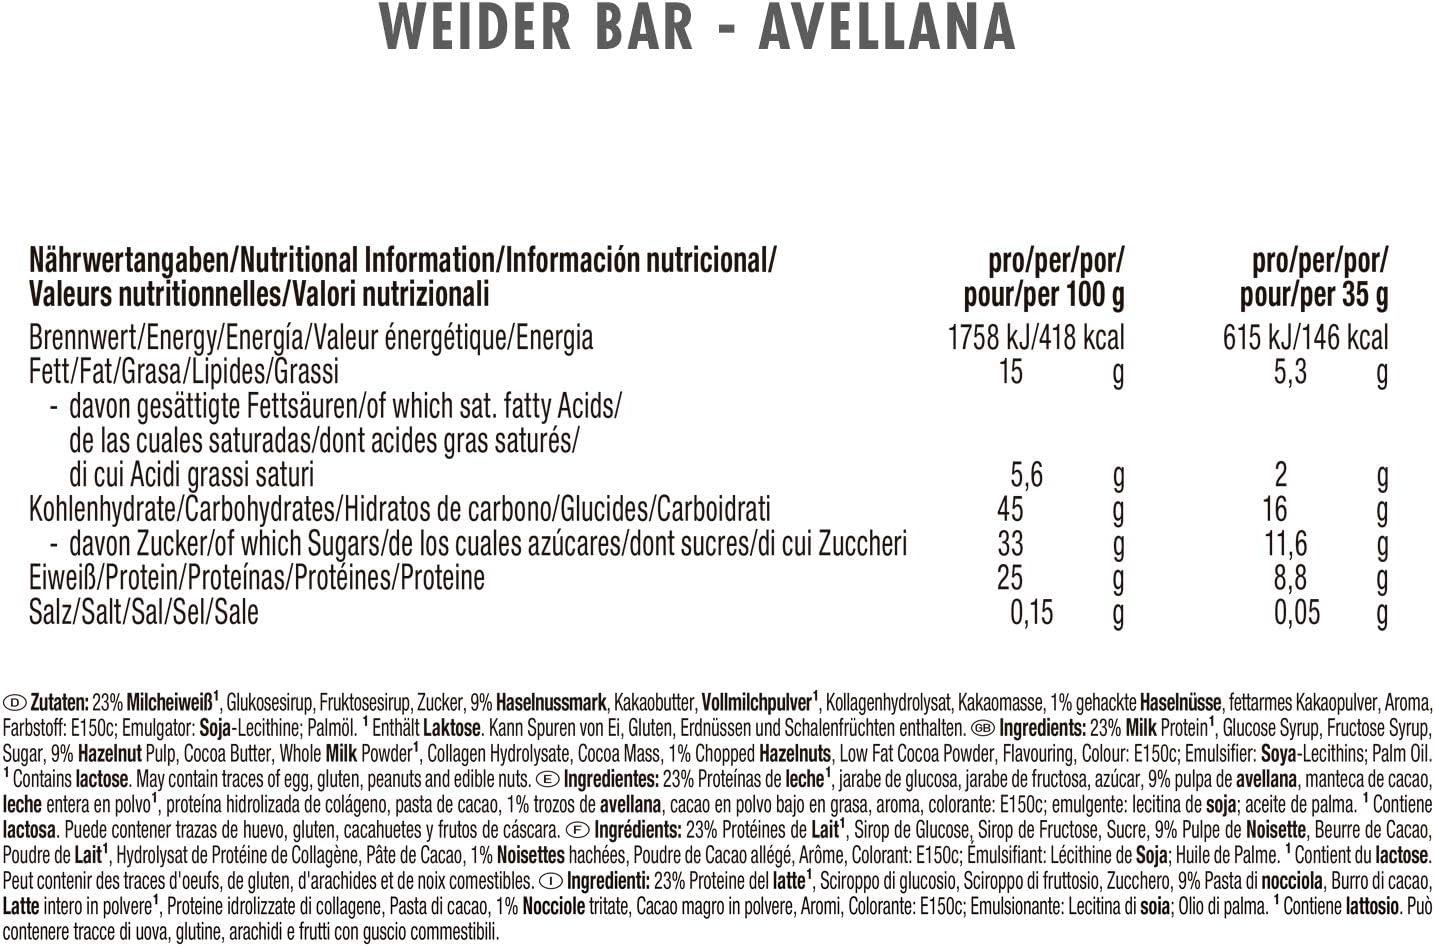 Weider Barrita de Proteína sabor Avellana. Óptima mezcla de hidratos de carbono, proteínas y vitaminas para un abastecimiento de energía rápido y ...